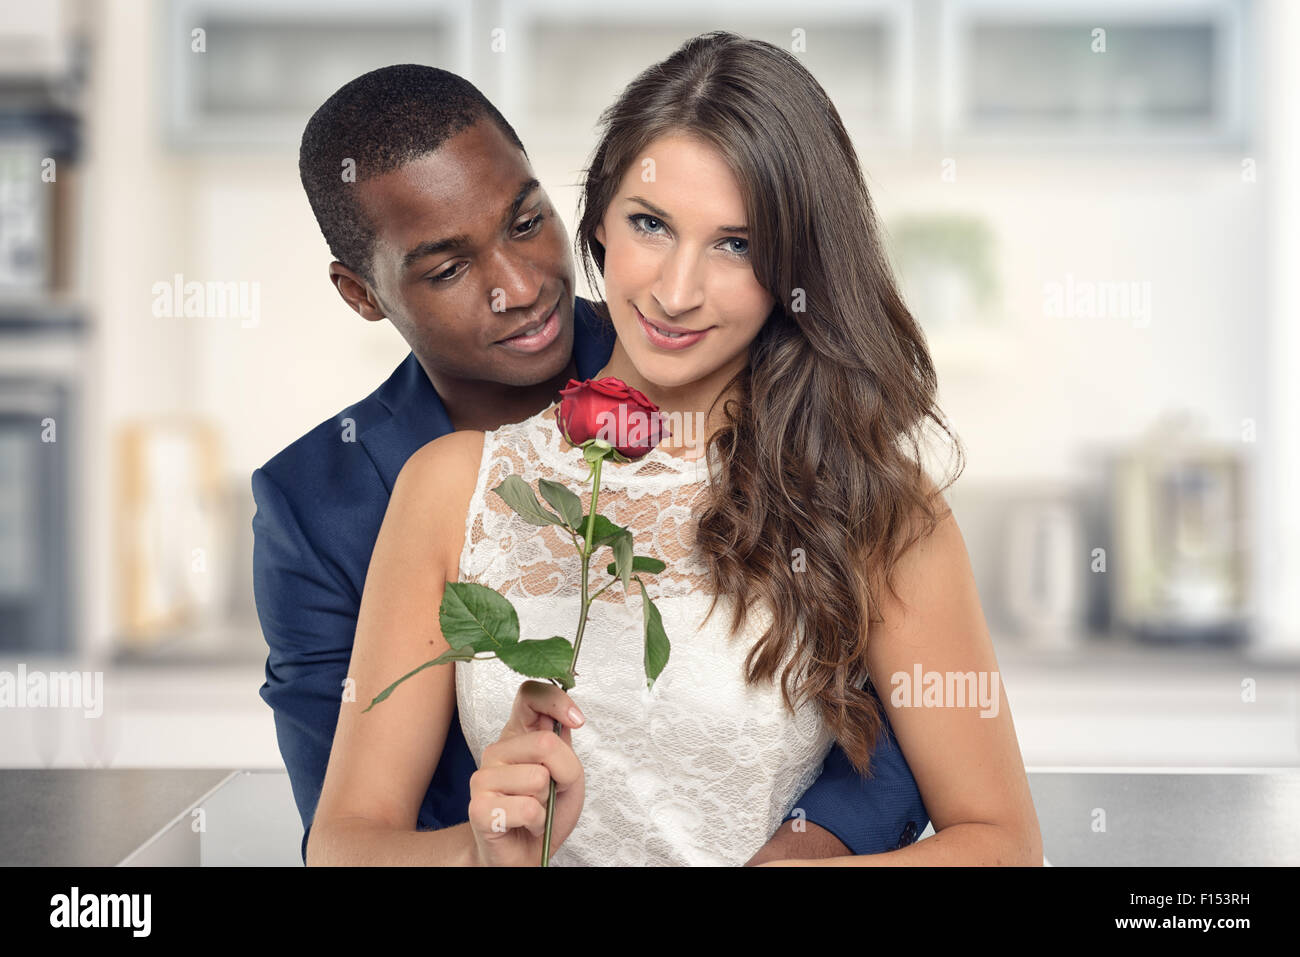 Black boyfriend